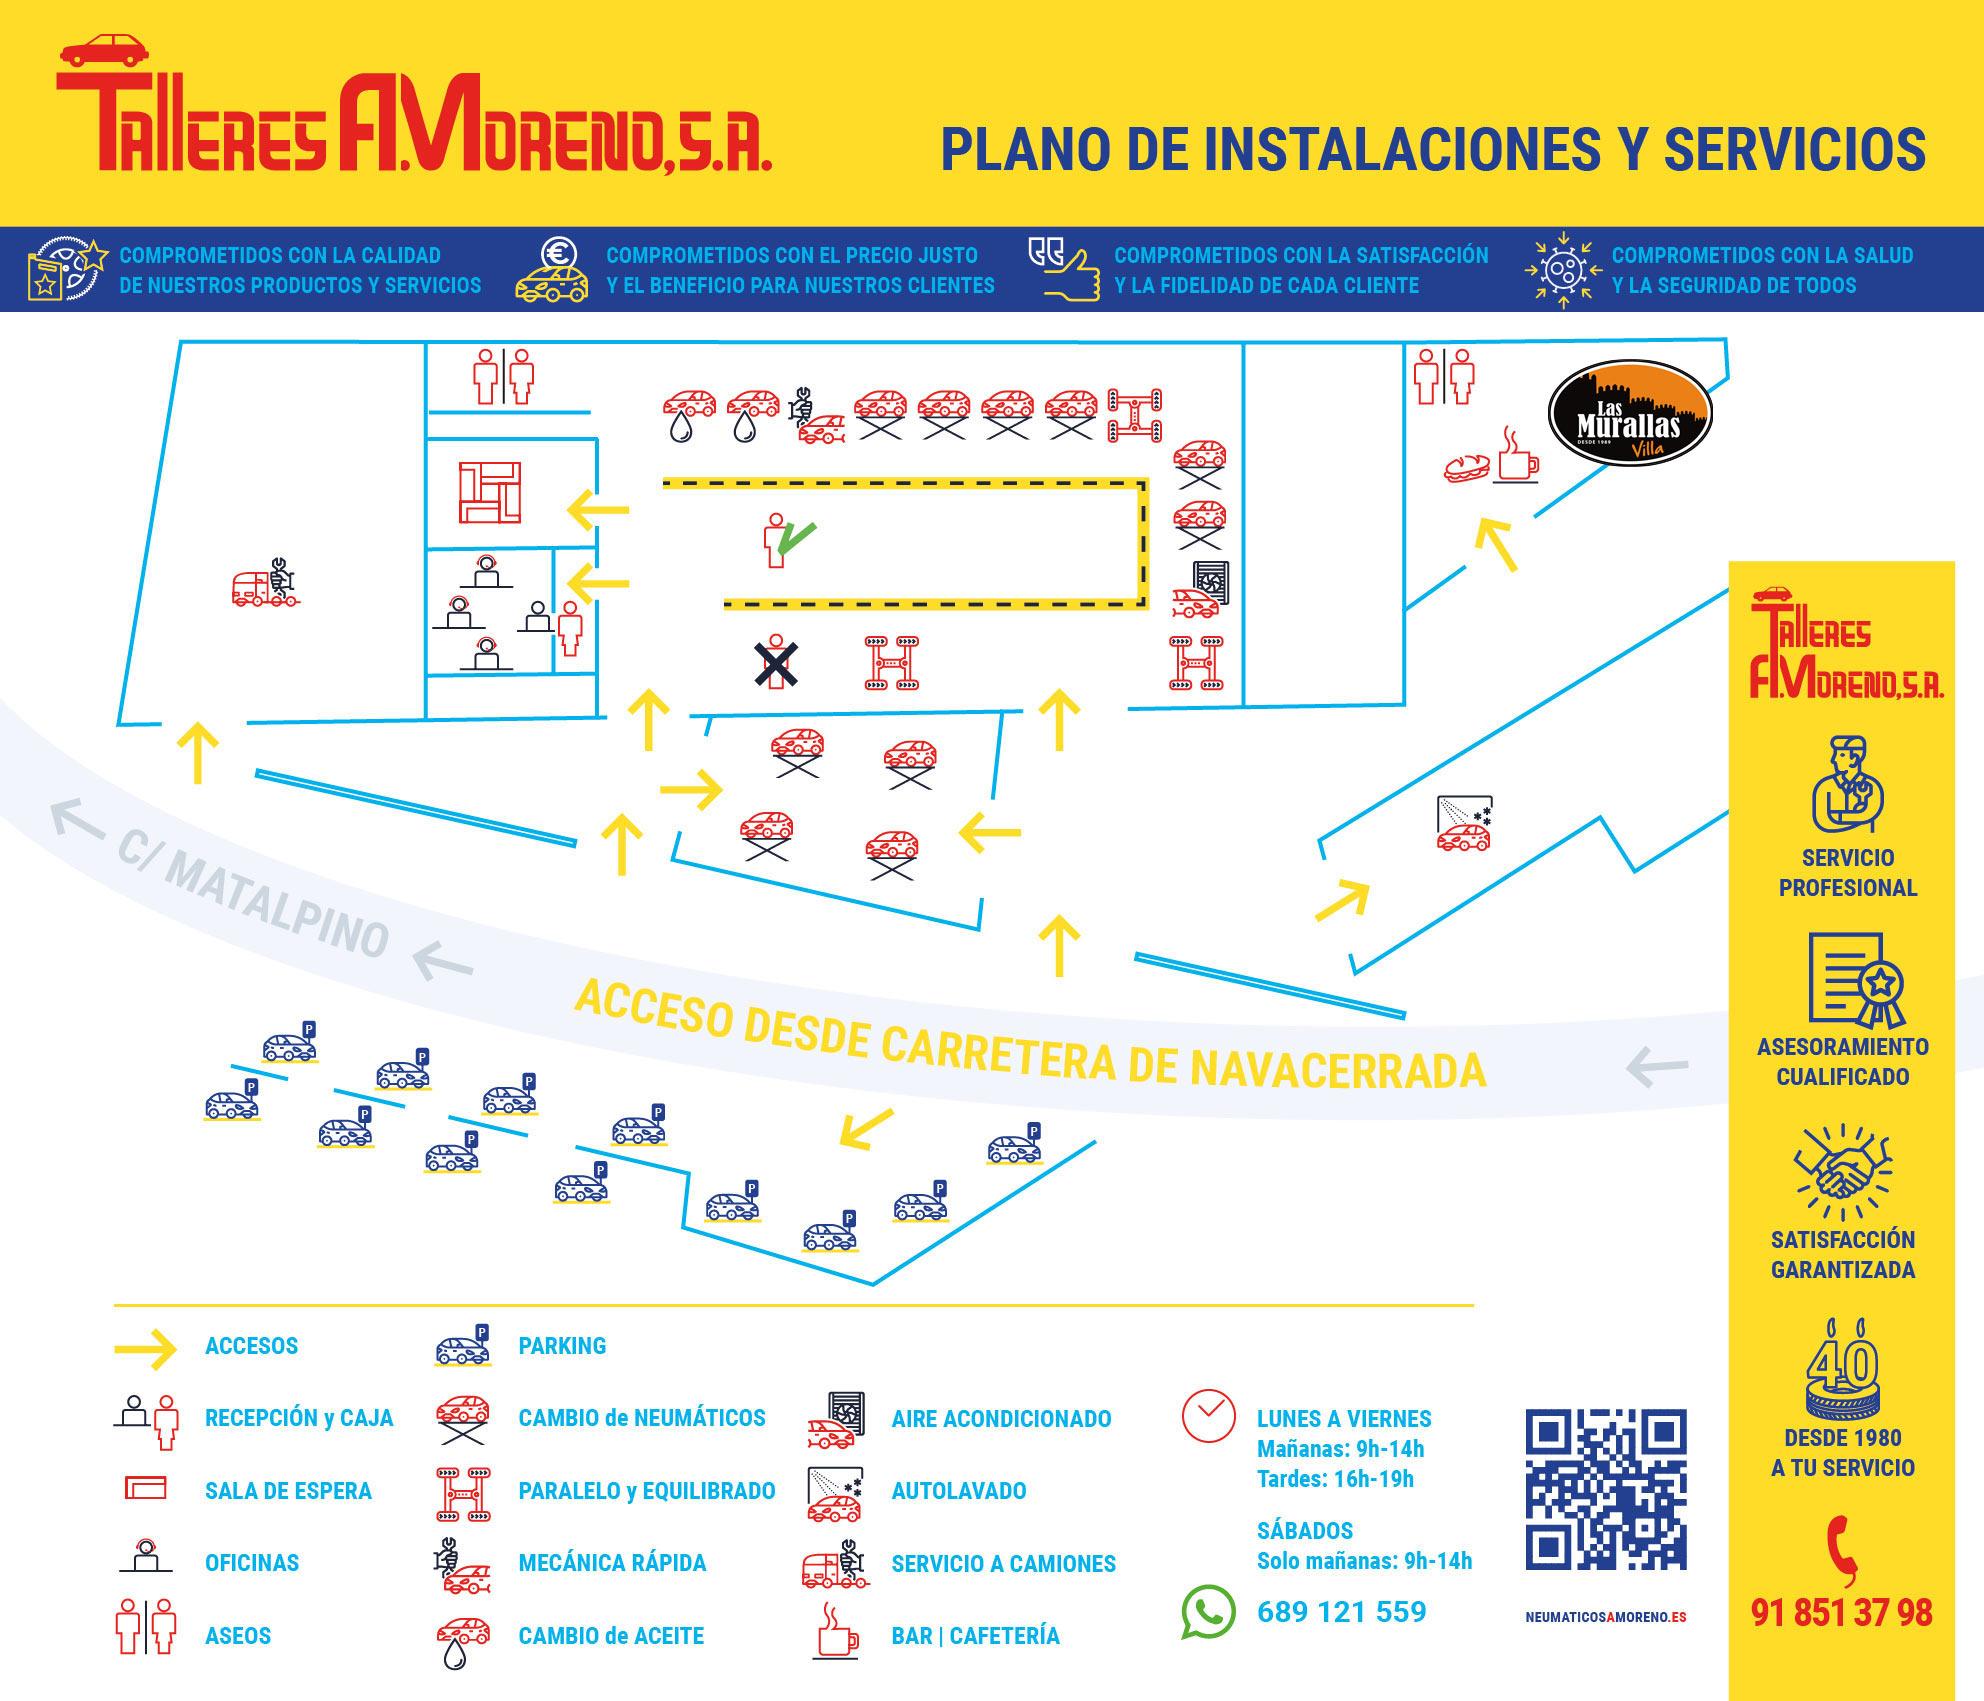 Talleres A. Moreno: Tu taller de confianza para el cambio de neumáticos y mecánica rápida en Collado Villalba, Madrid